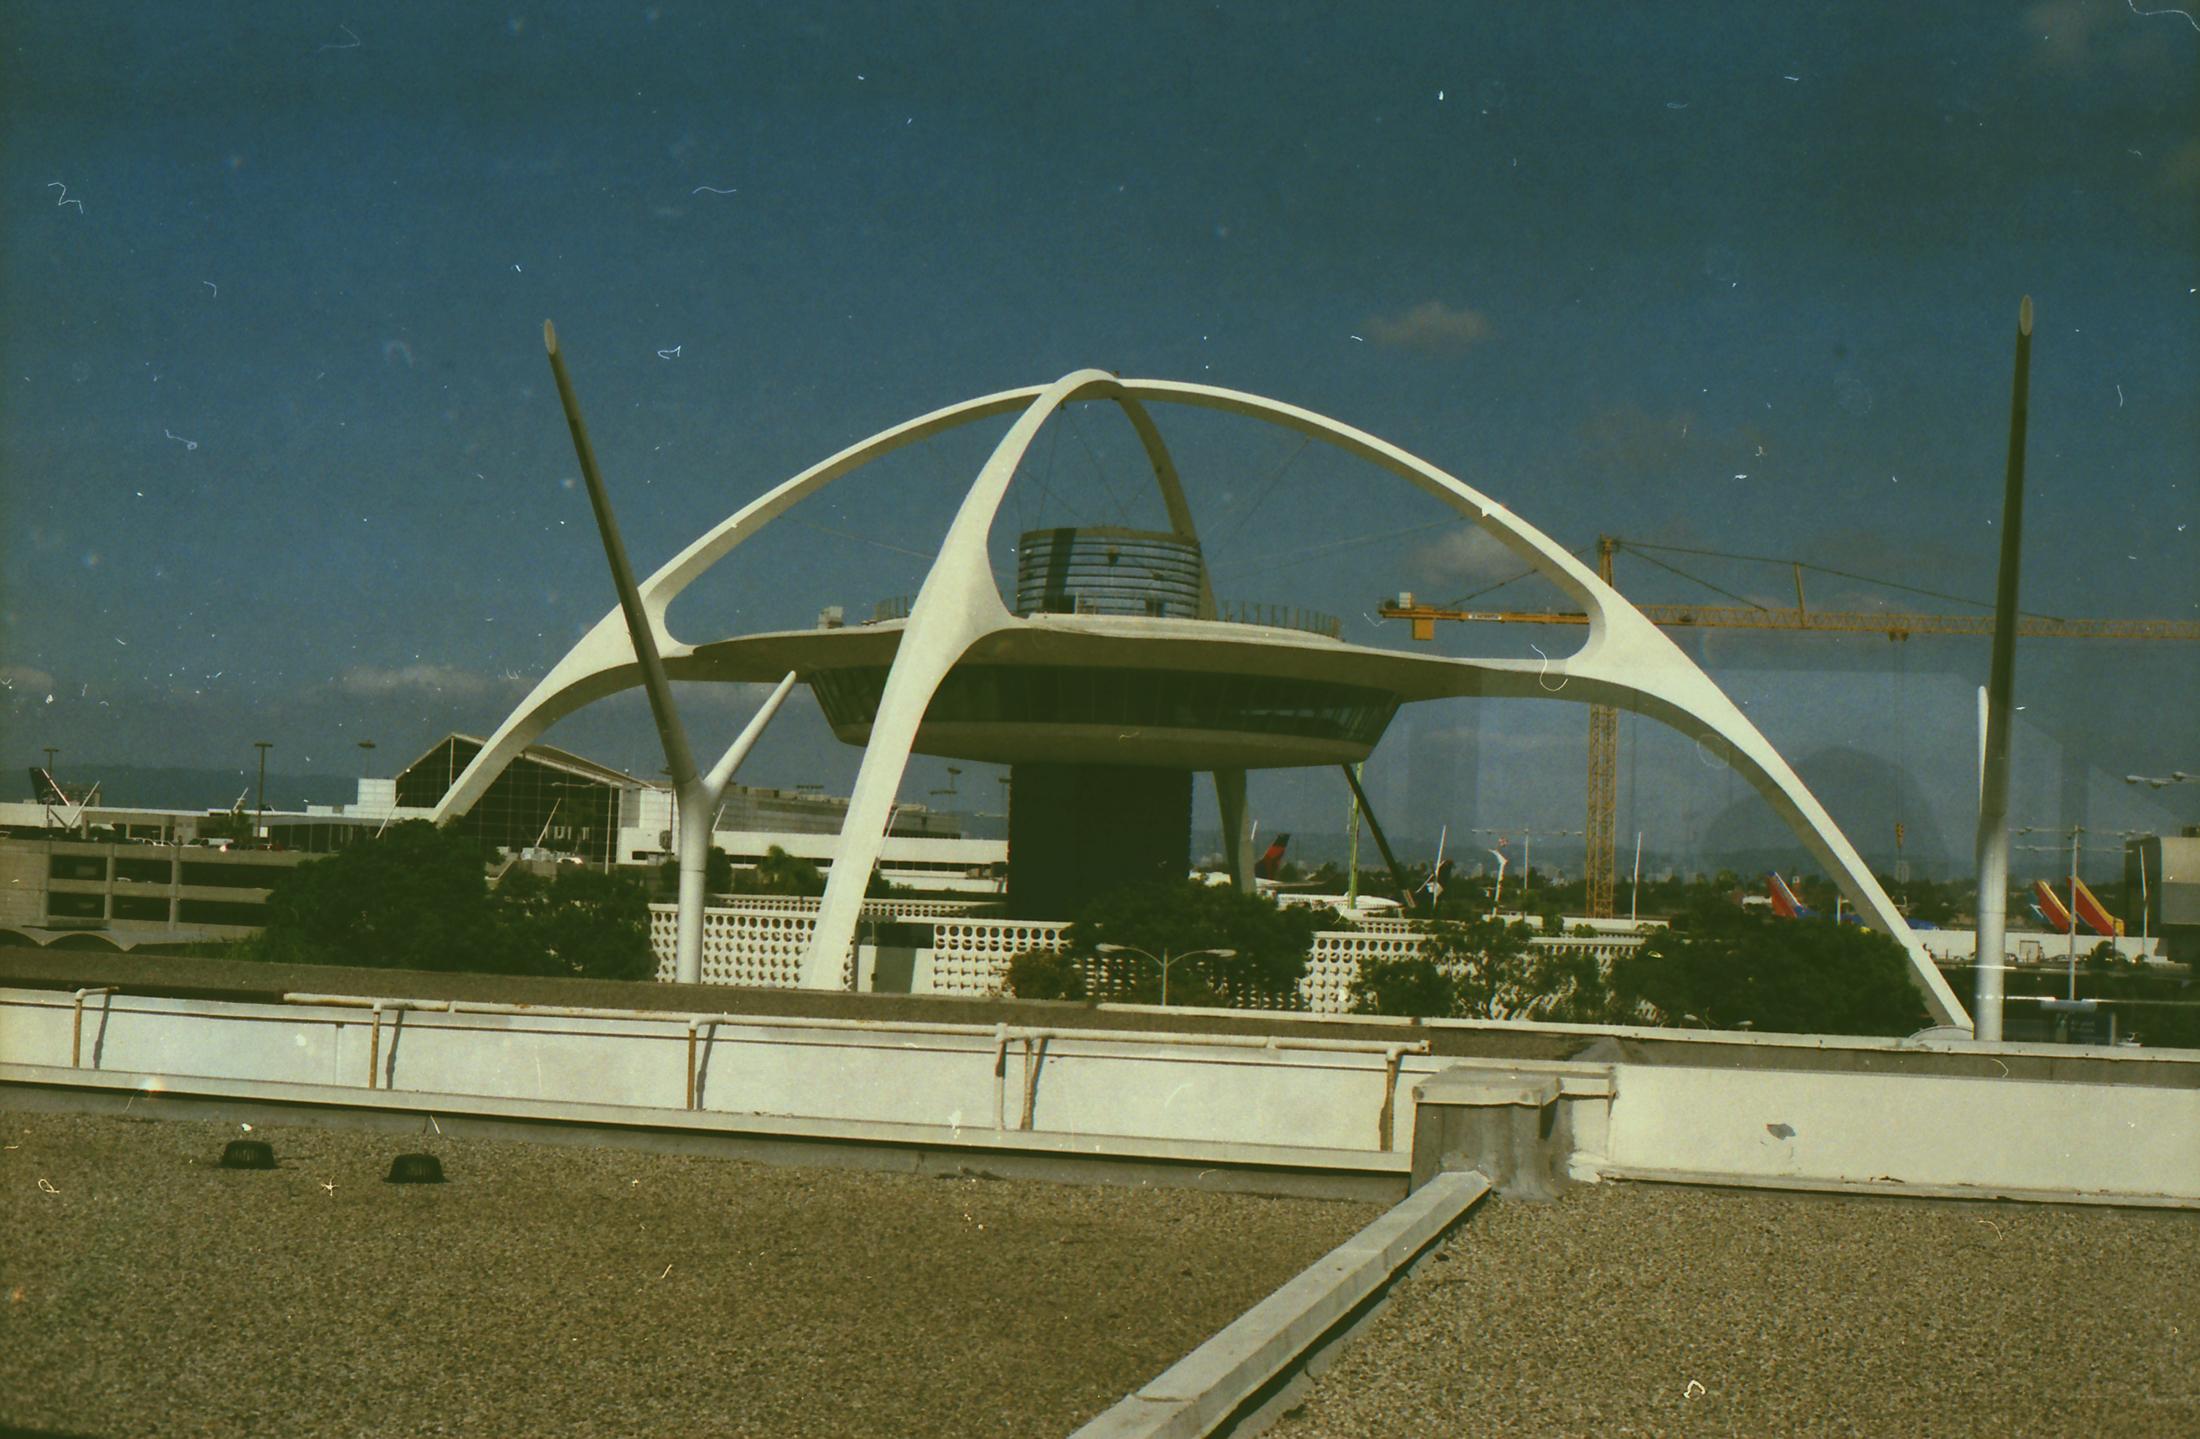 Theme Building, LAX - 35mm - Minolta XG-1 - Fujifilm Superia 400